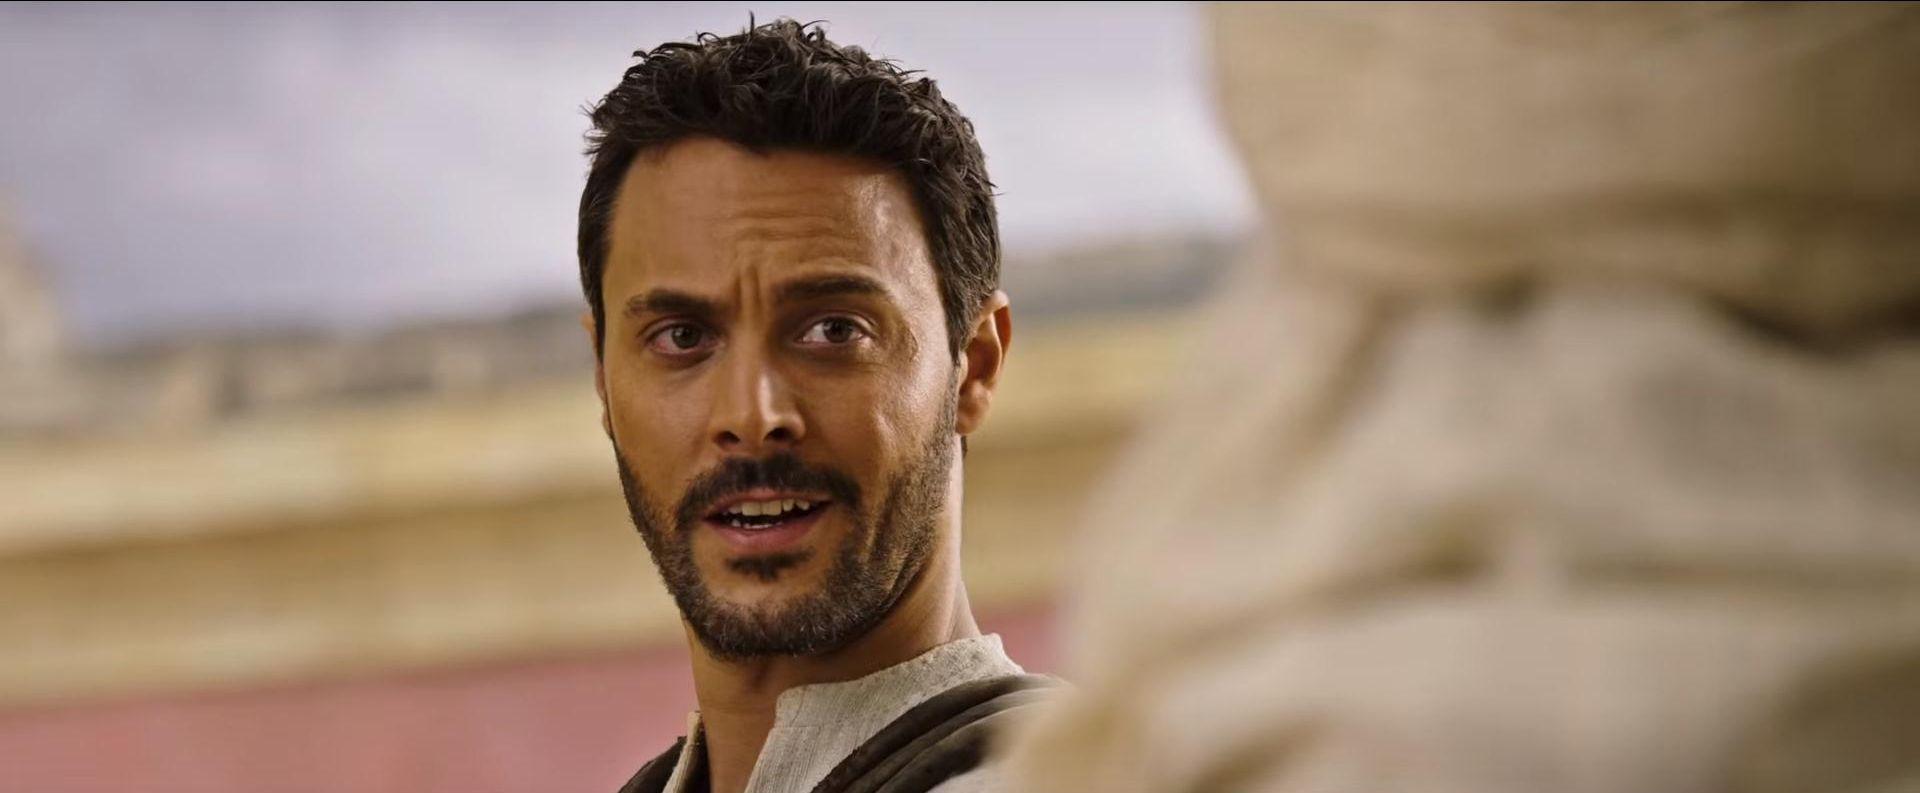 VIDEO: Novi uzbudljivi sadržaji vezani uz epski film 'Ben Hur'